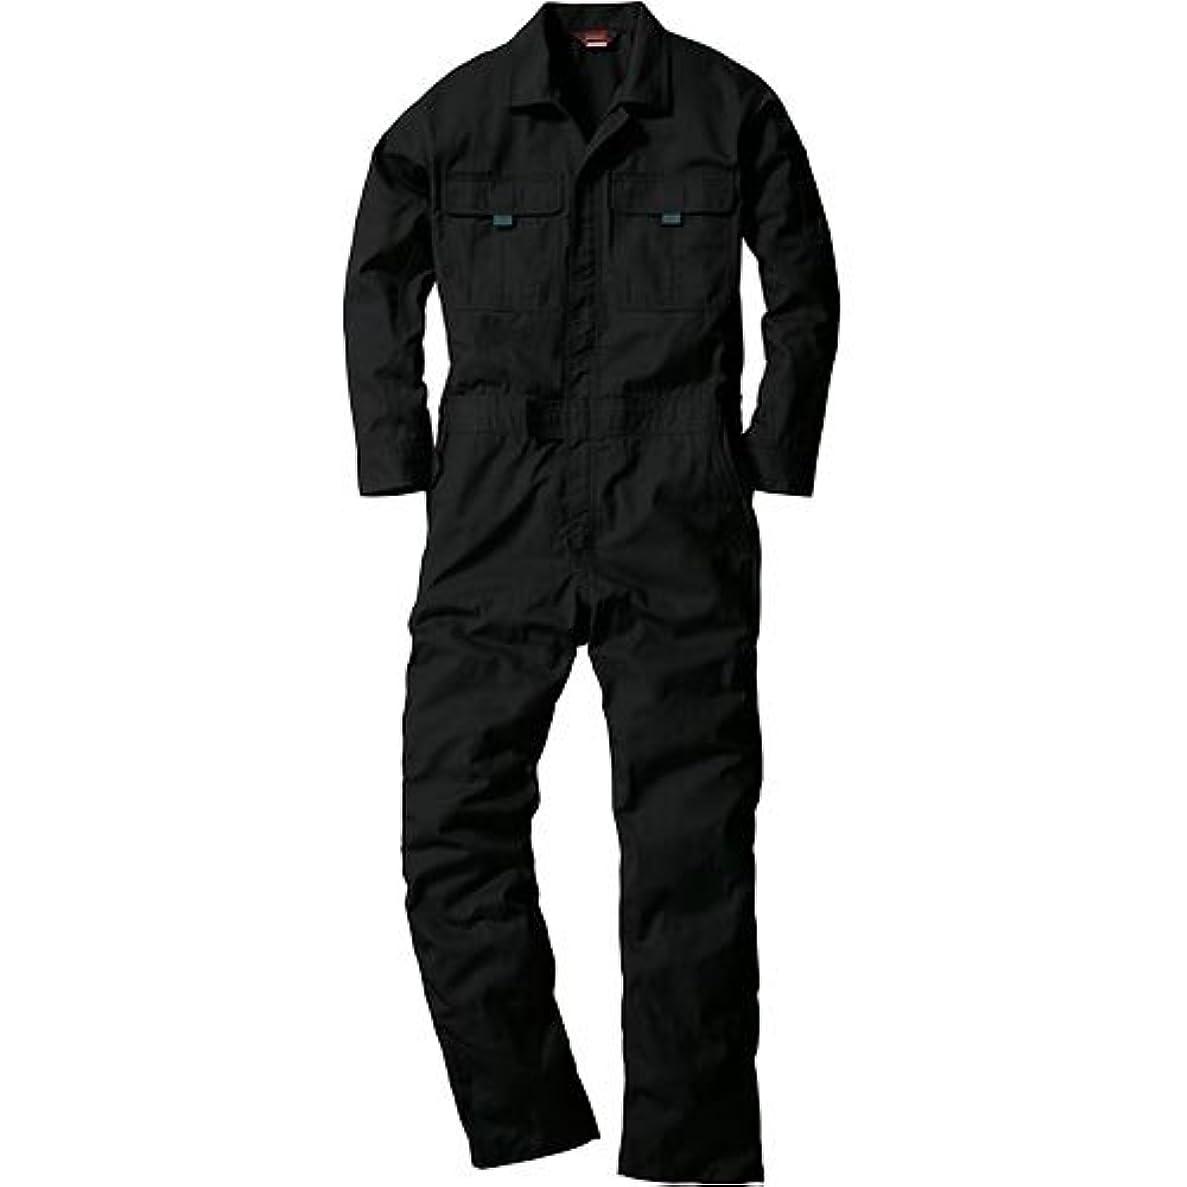 SOWA(ソーワ) 続服 ブラック Mサイズ 9300